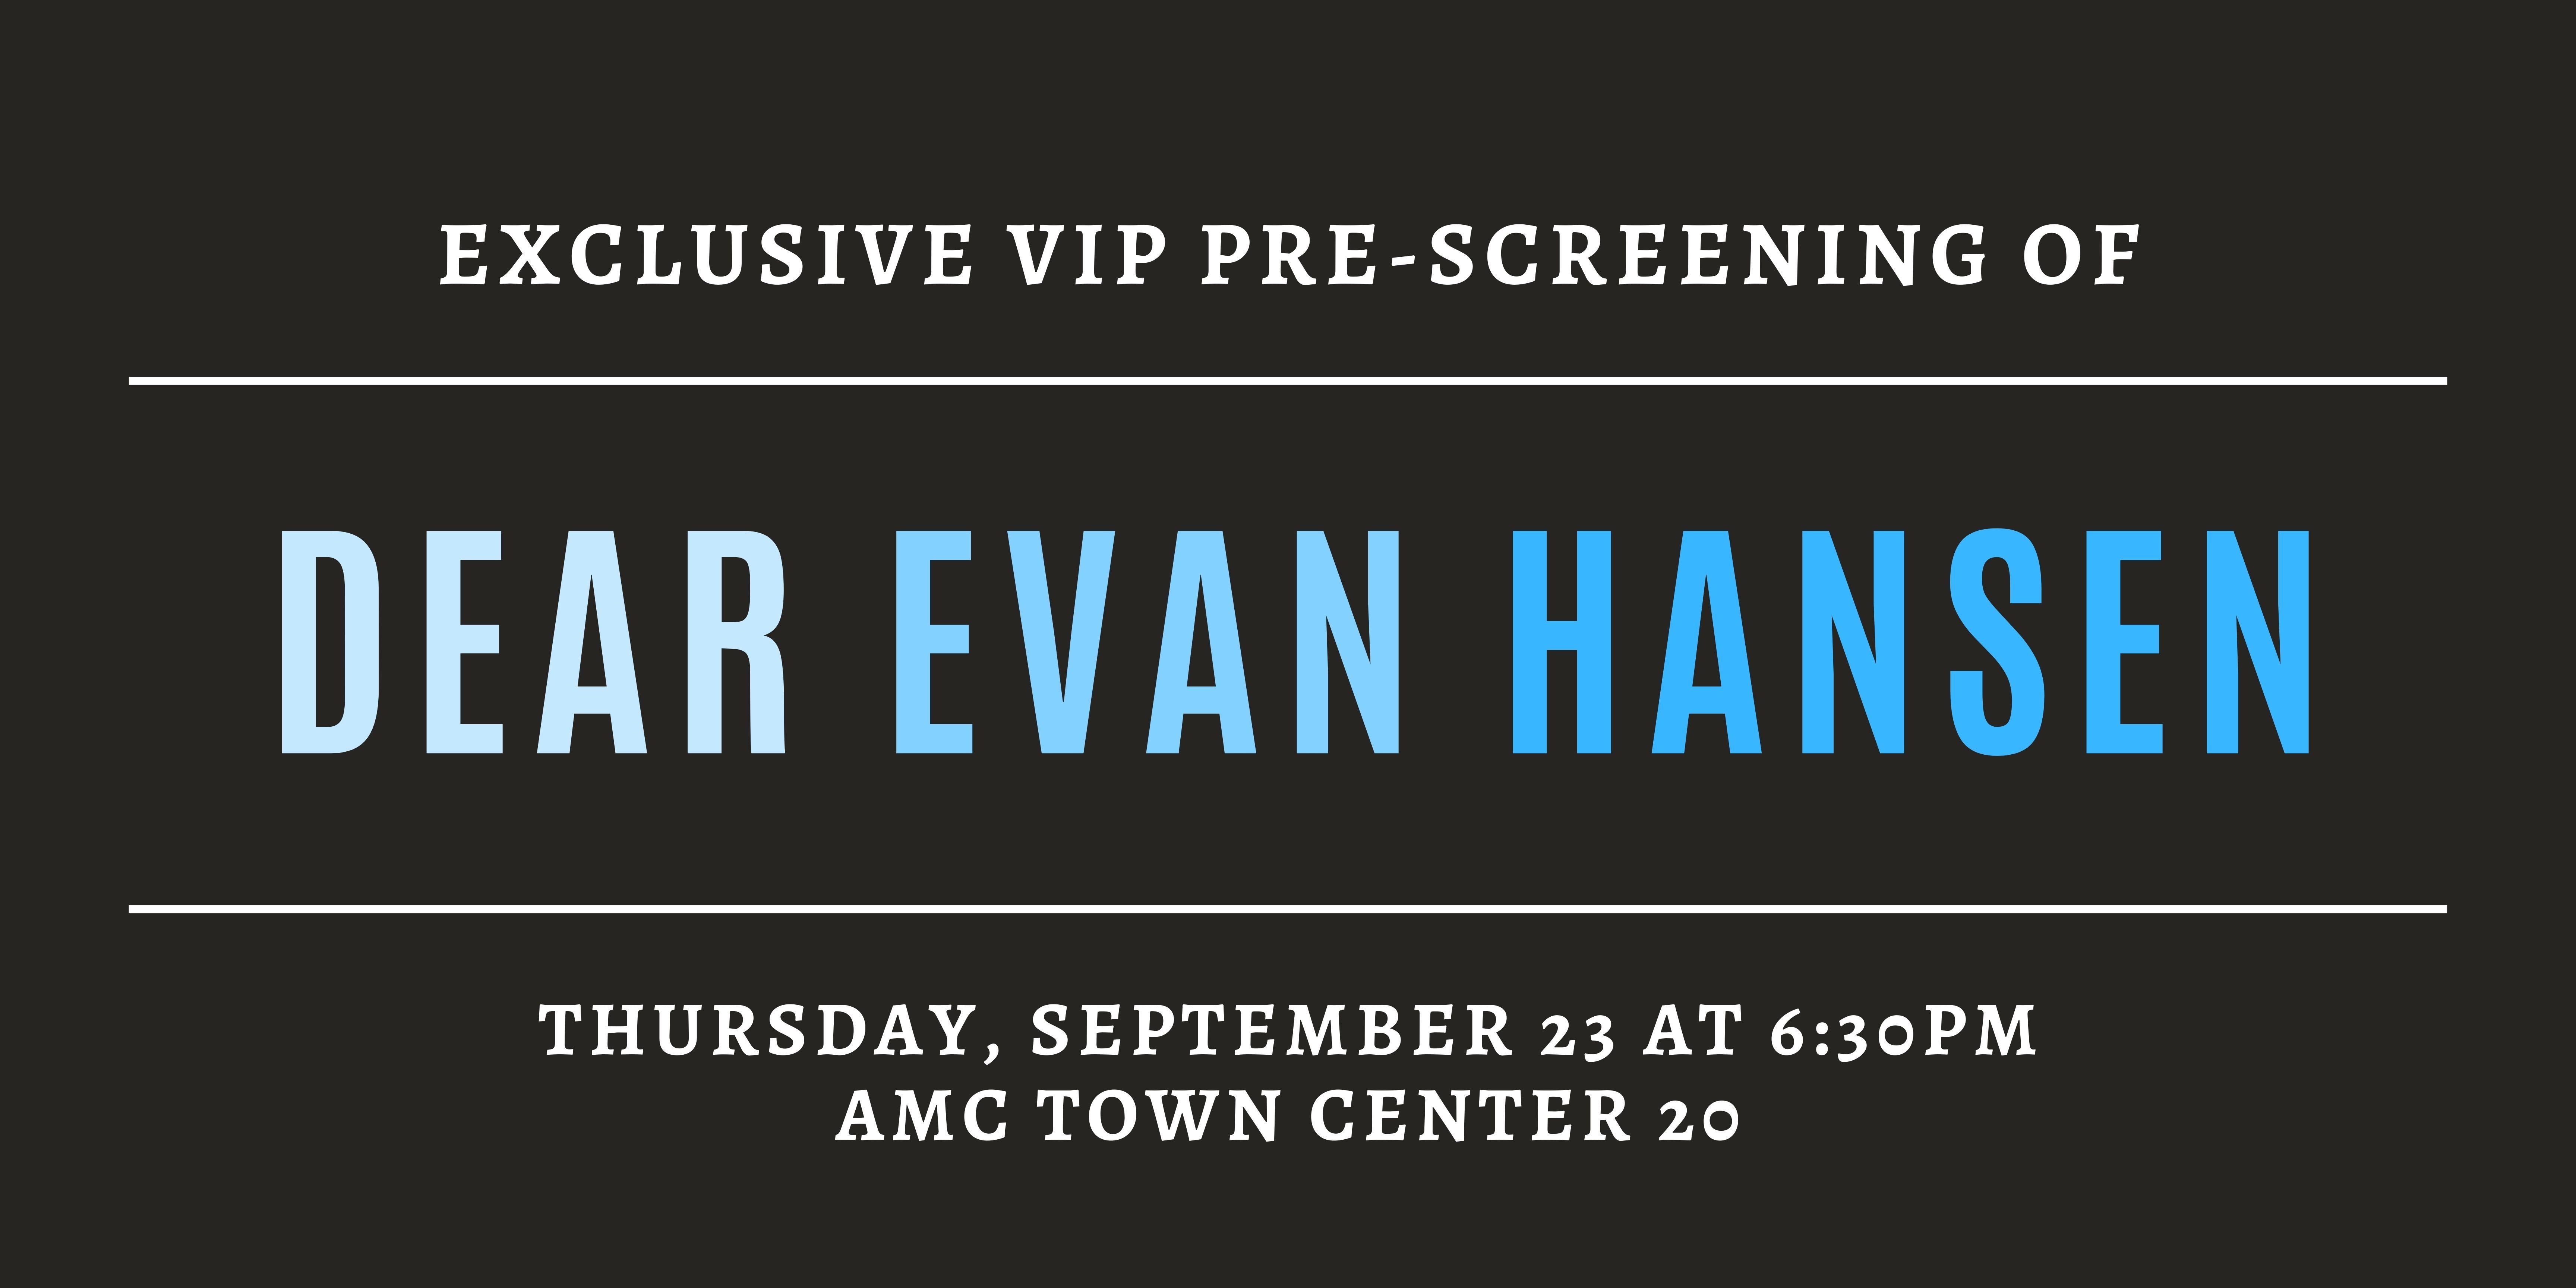 Dear Evan Hansen Pre-Screening image